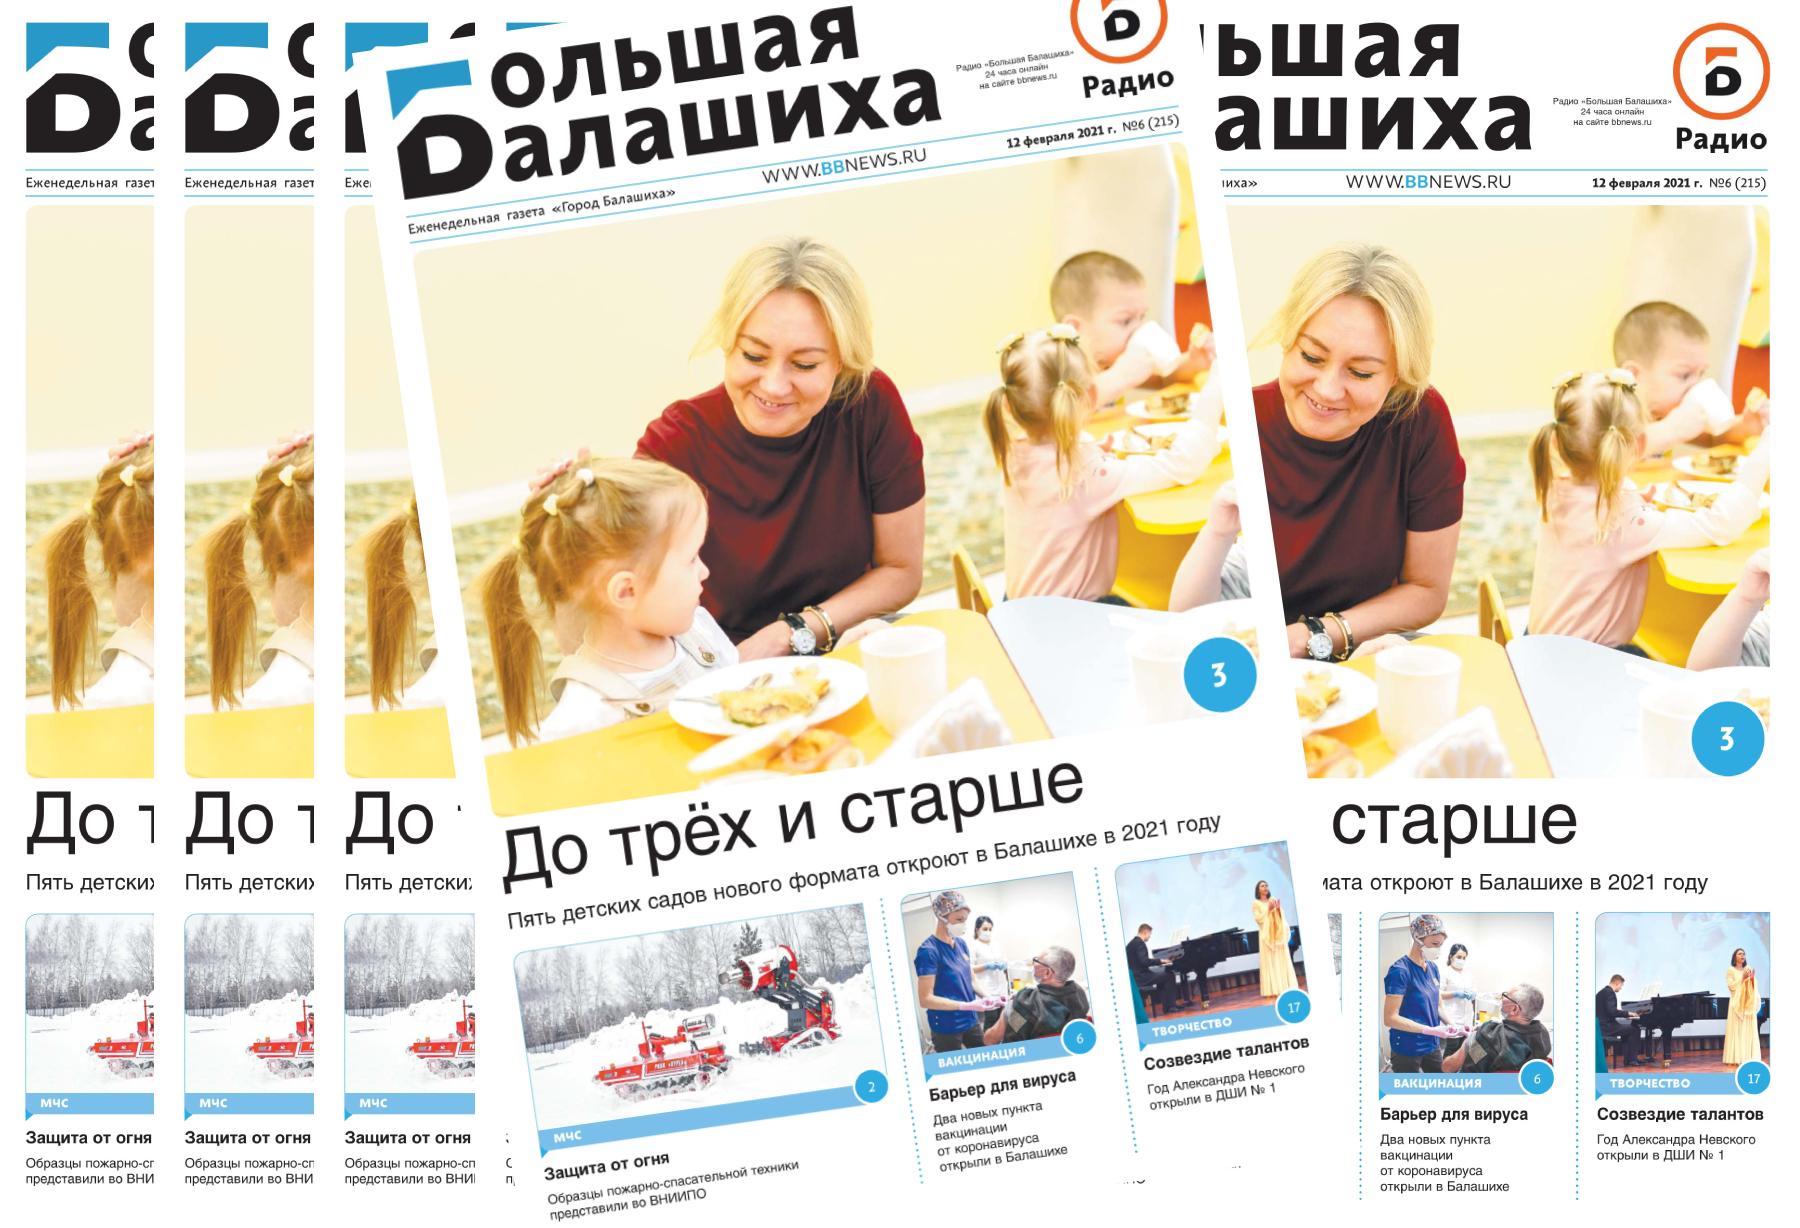 Вышла газета «Город Балашиха» №6 (215)